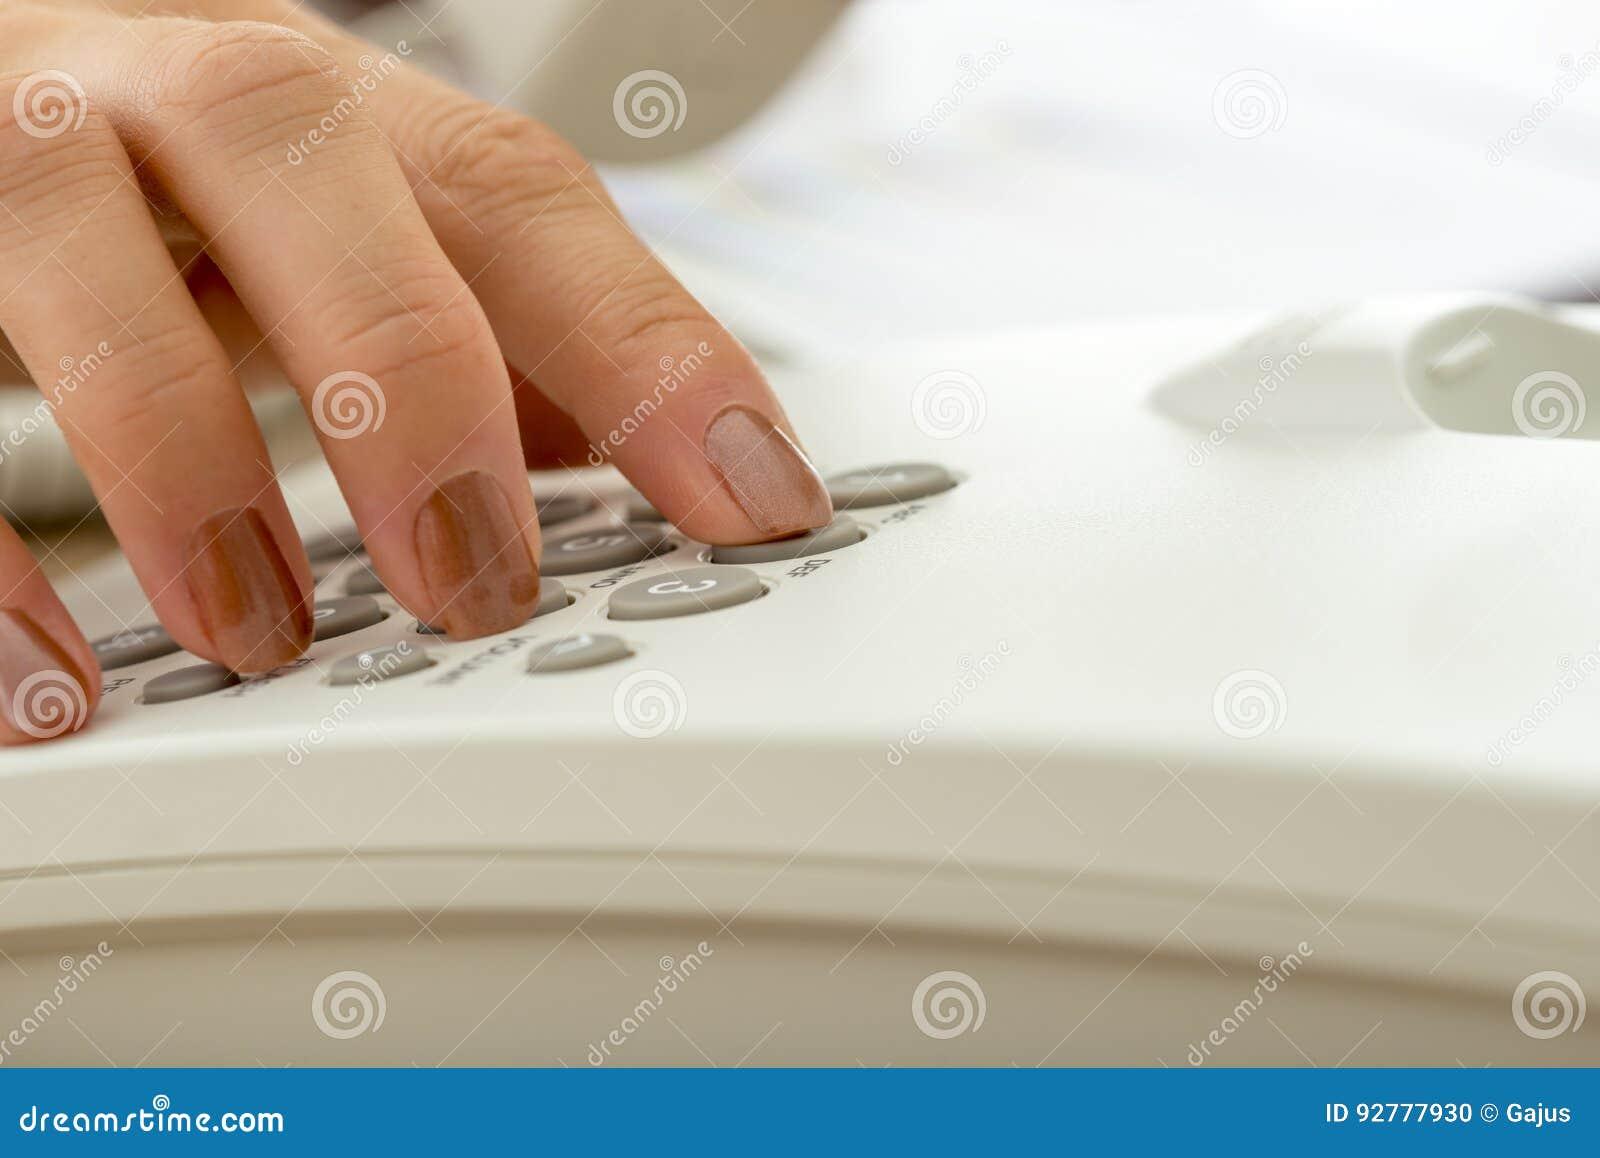 Composition D un Numéro De Téléphone Photo stock - Image du ... 390d0ae56b47